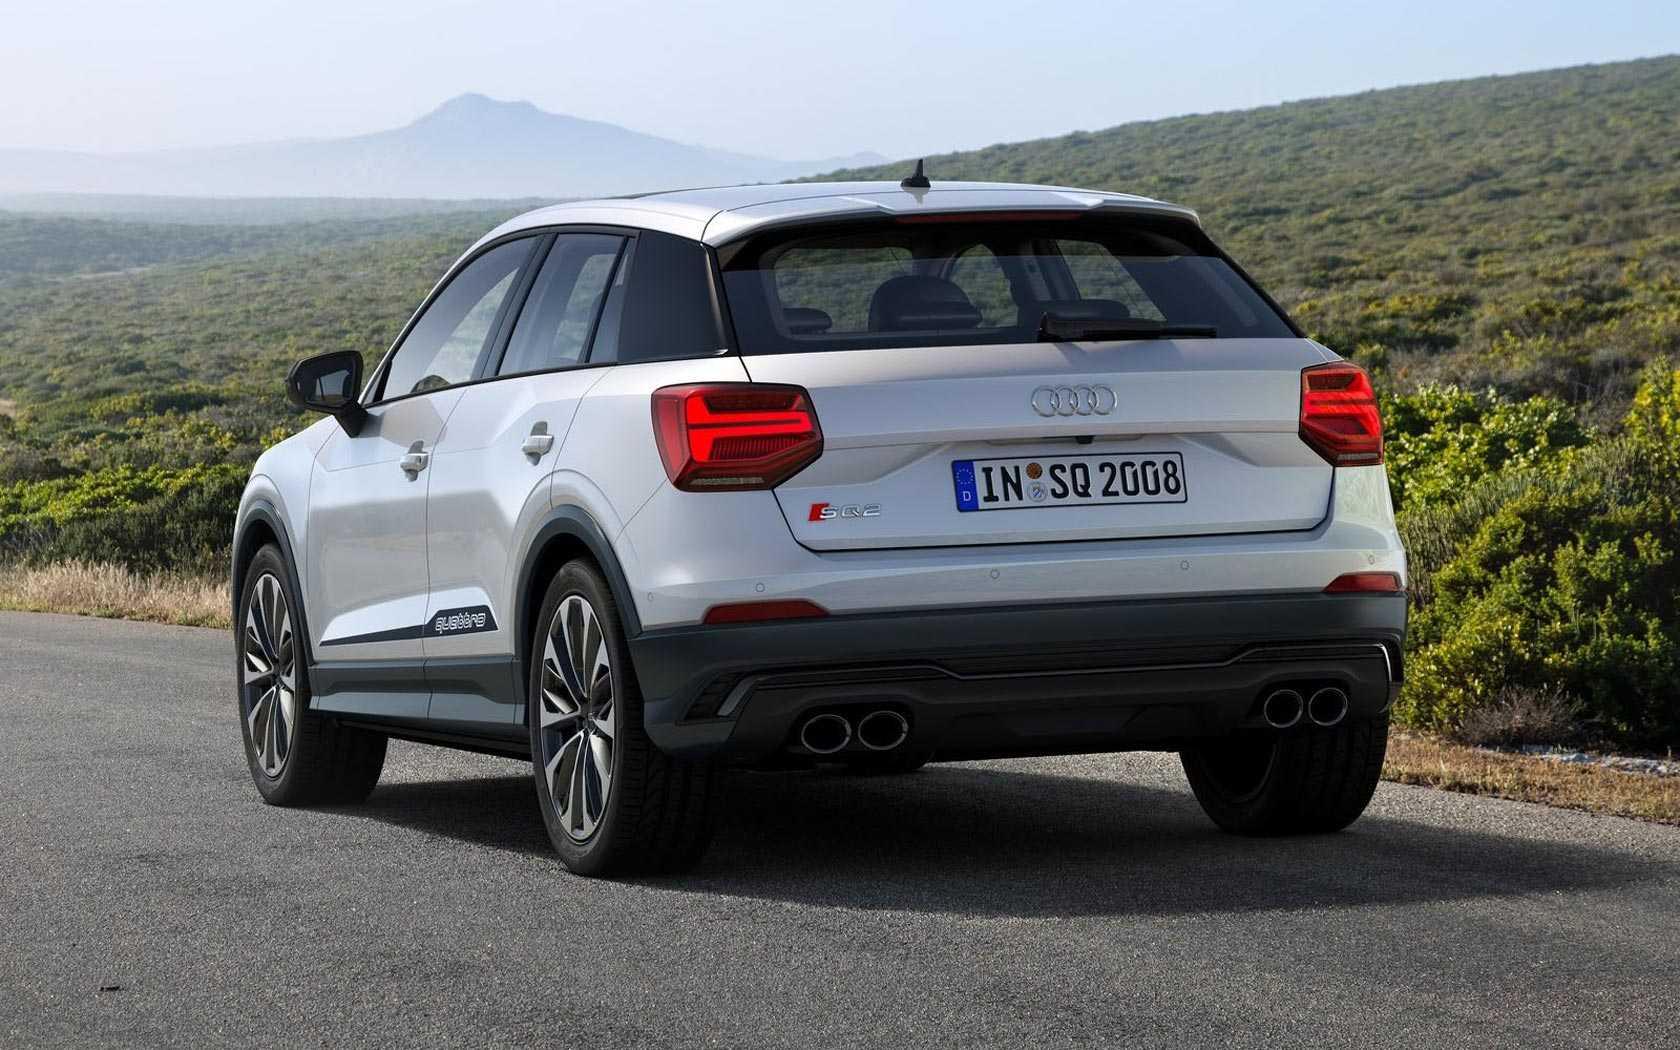 Audi r8 2019 цена в россии! фото, характеристики, видео тест-драйв